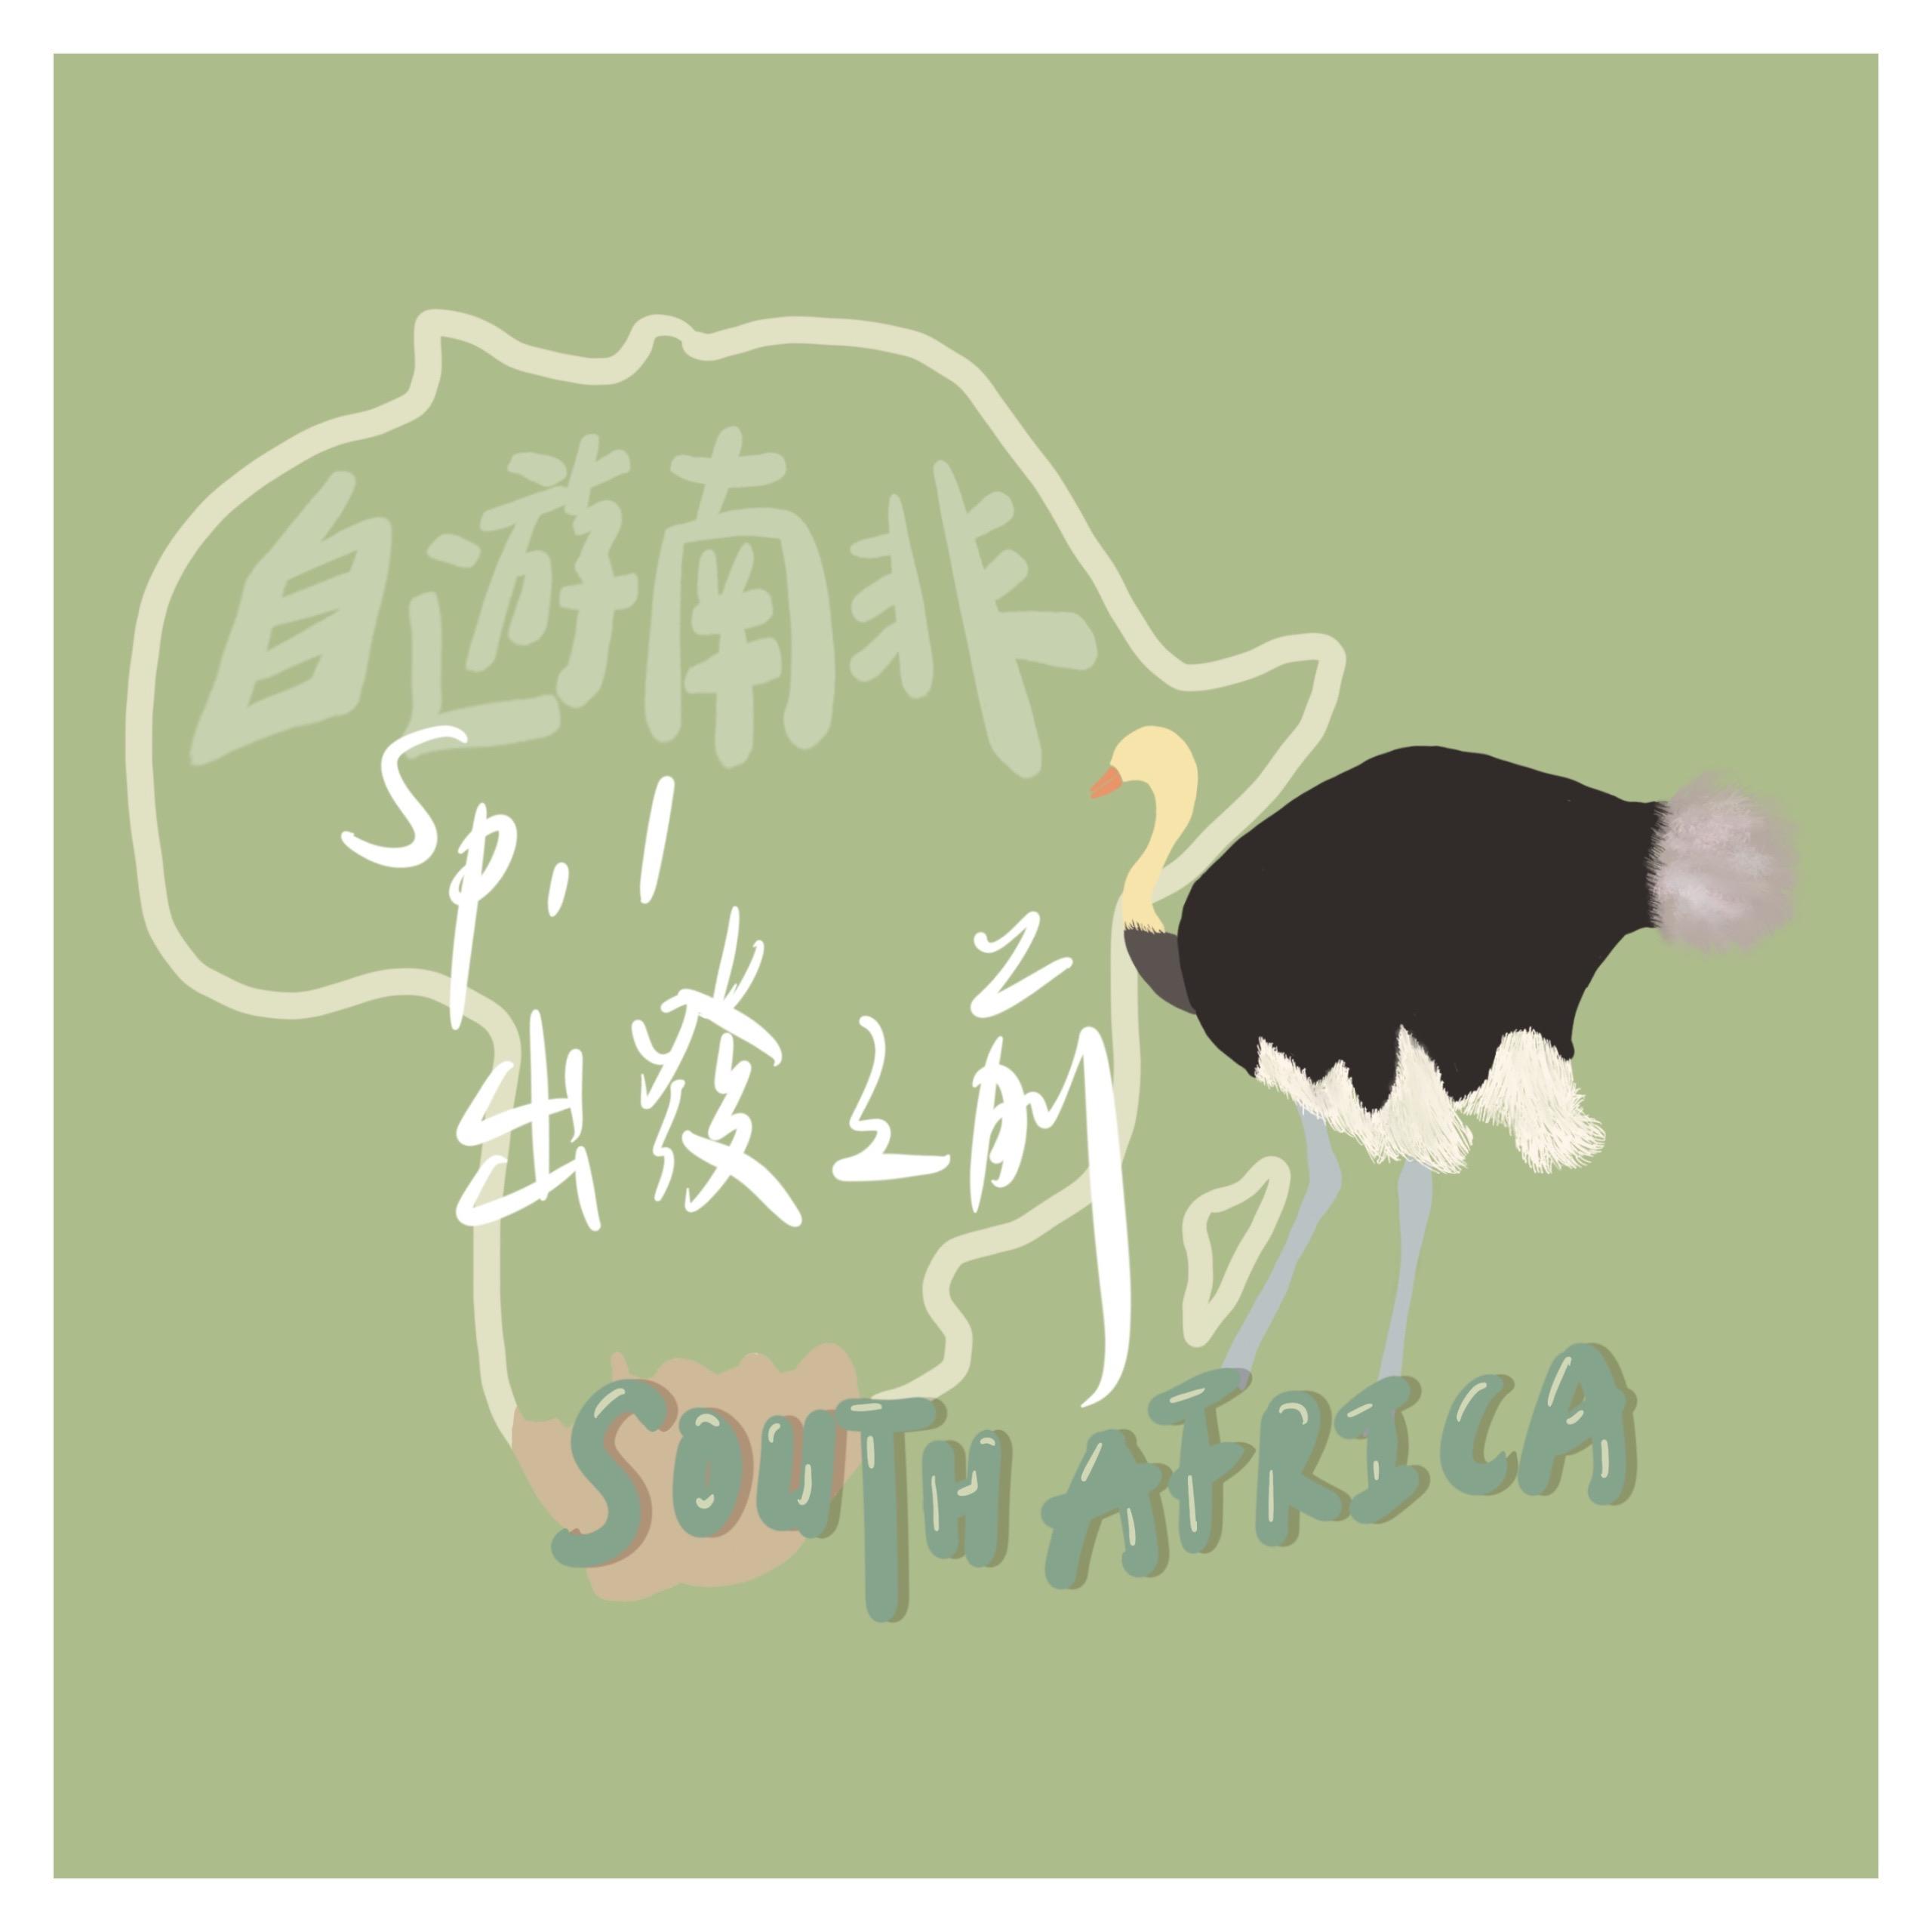 【自遊南非】Sp.1 出發之前(熱門景點、行程準備、簽證機票)